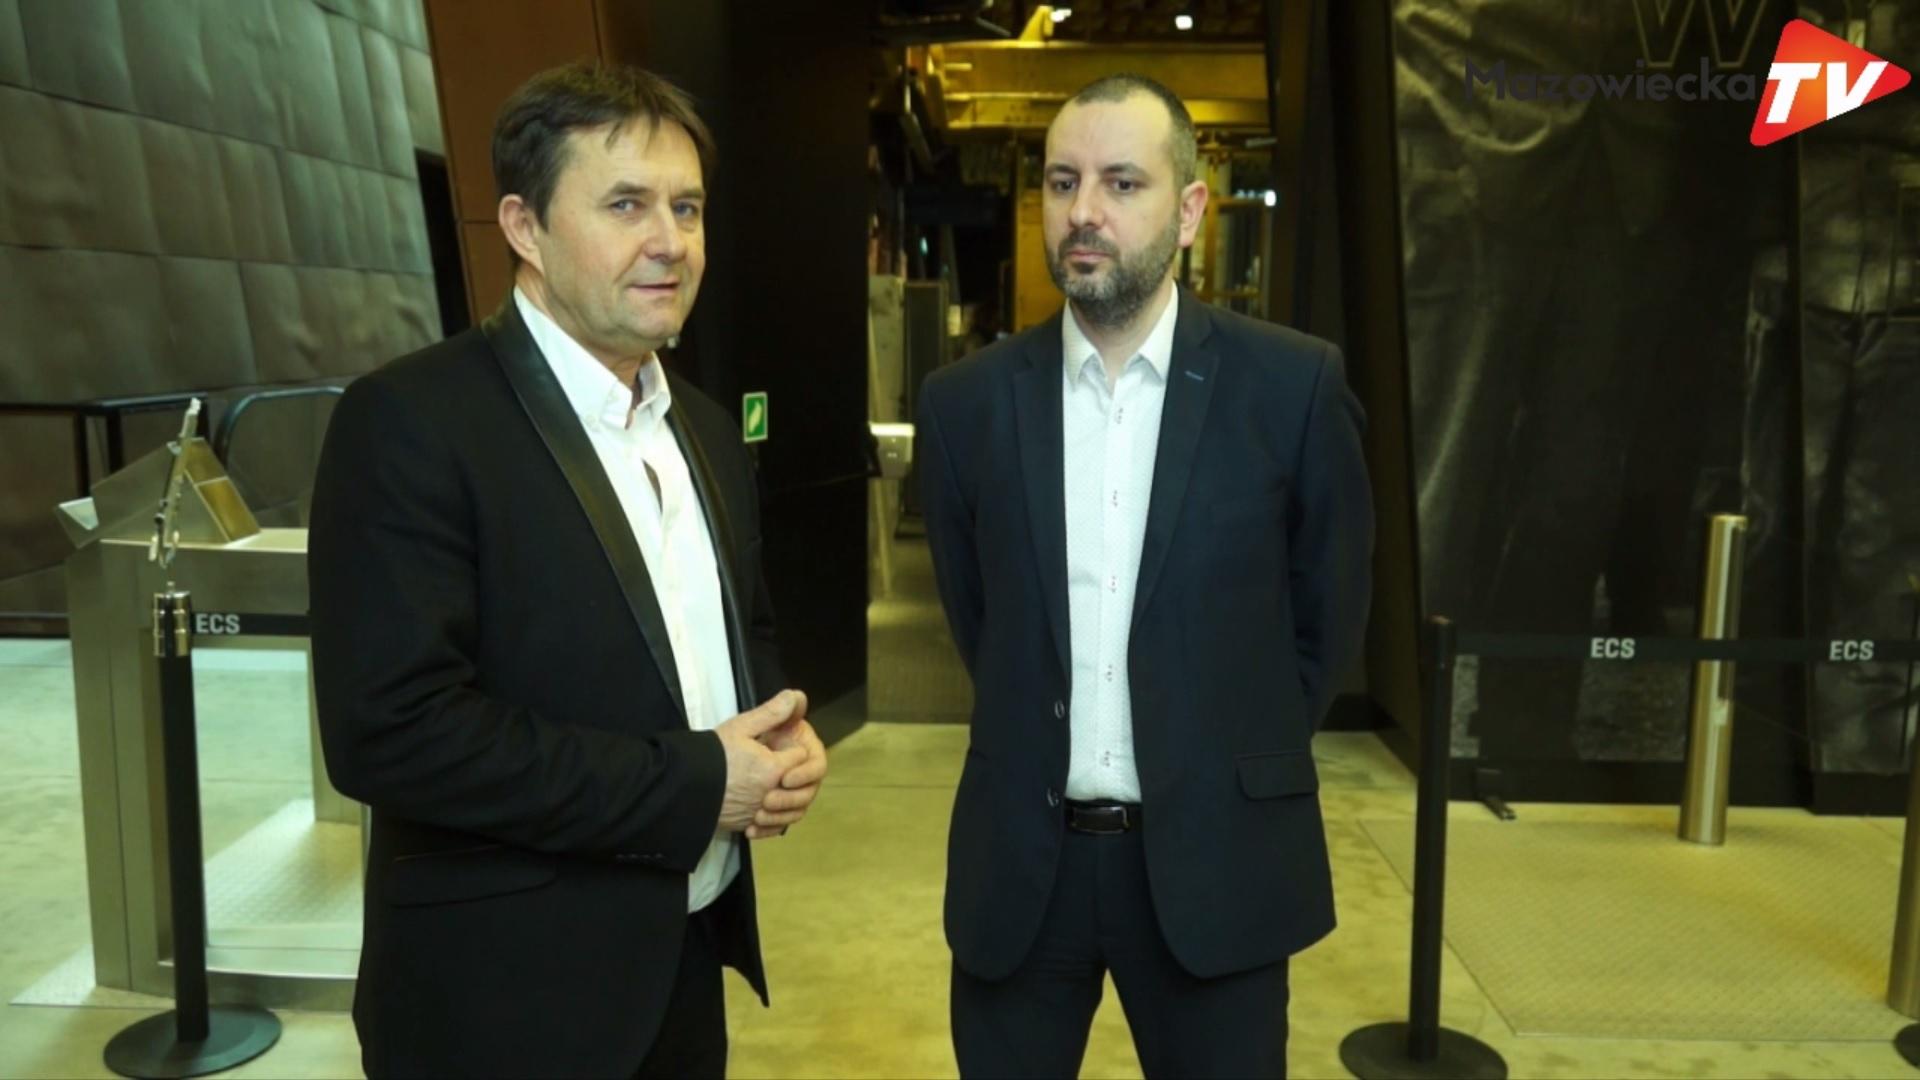 Zwiedzanie Europejskiego Centrum Solidarności w Gdańsku z dr. Przemysławem Ruchlewskim